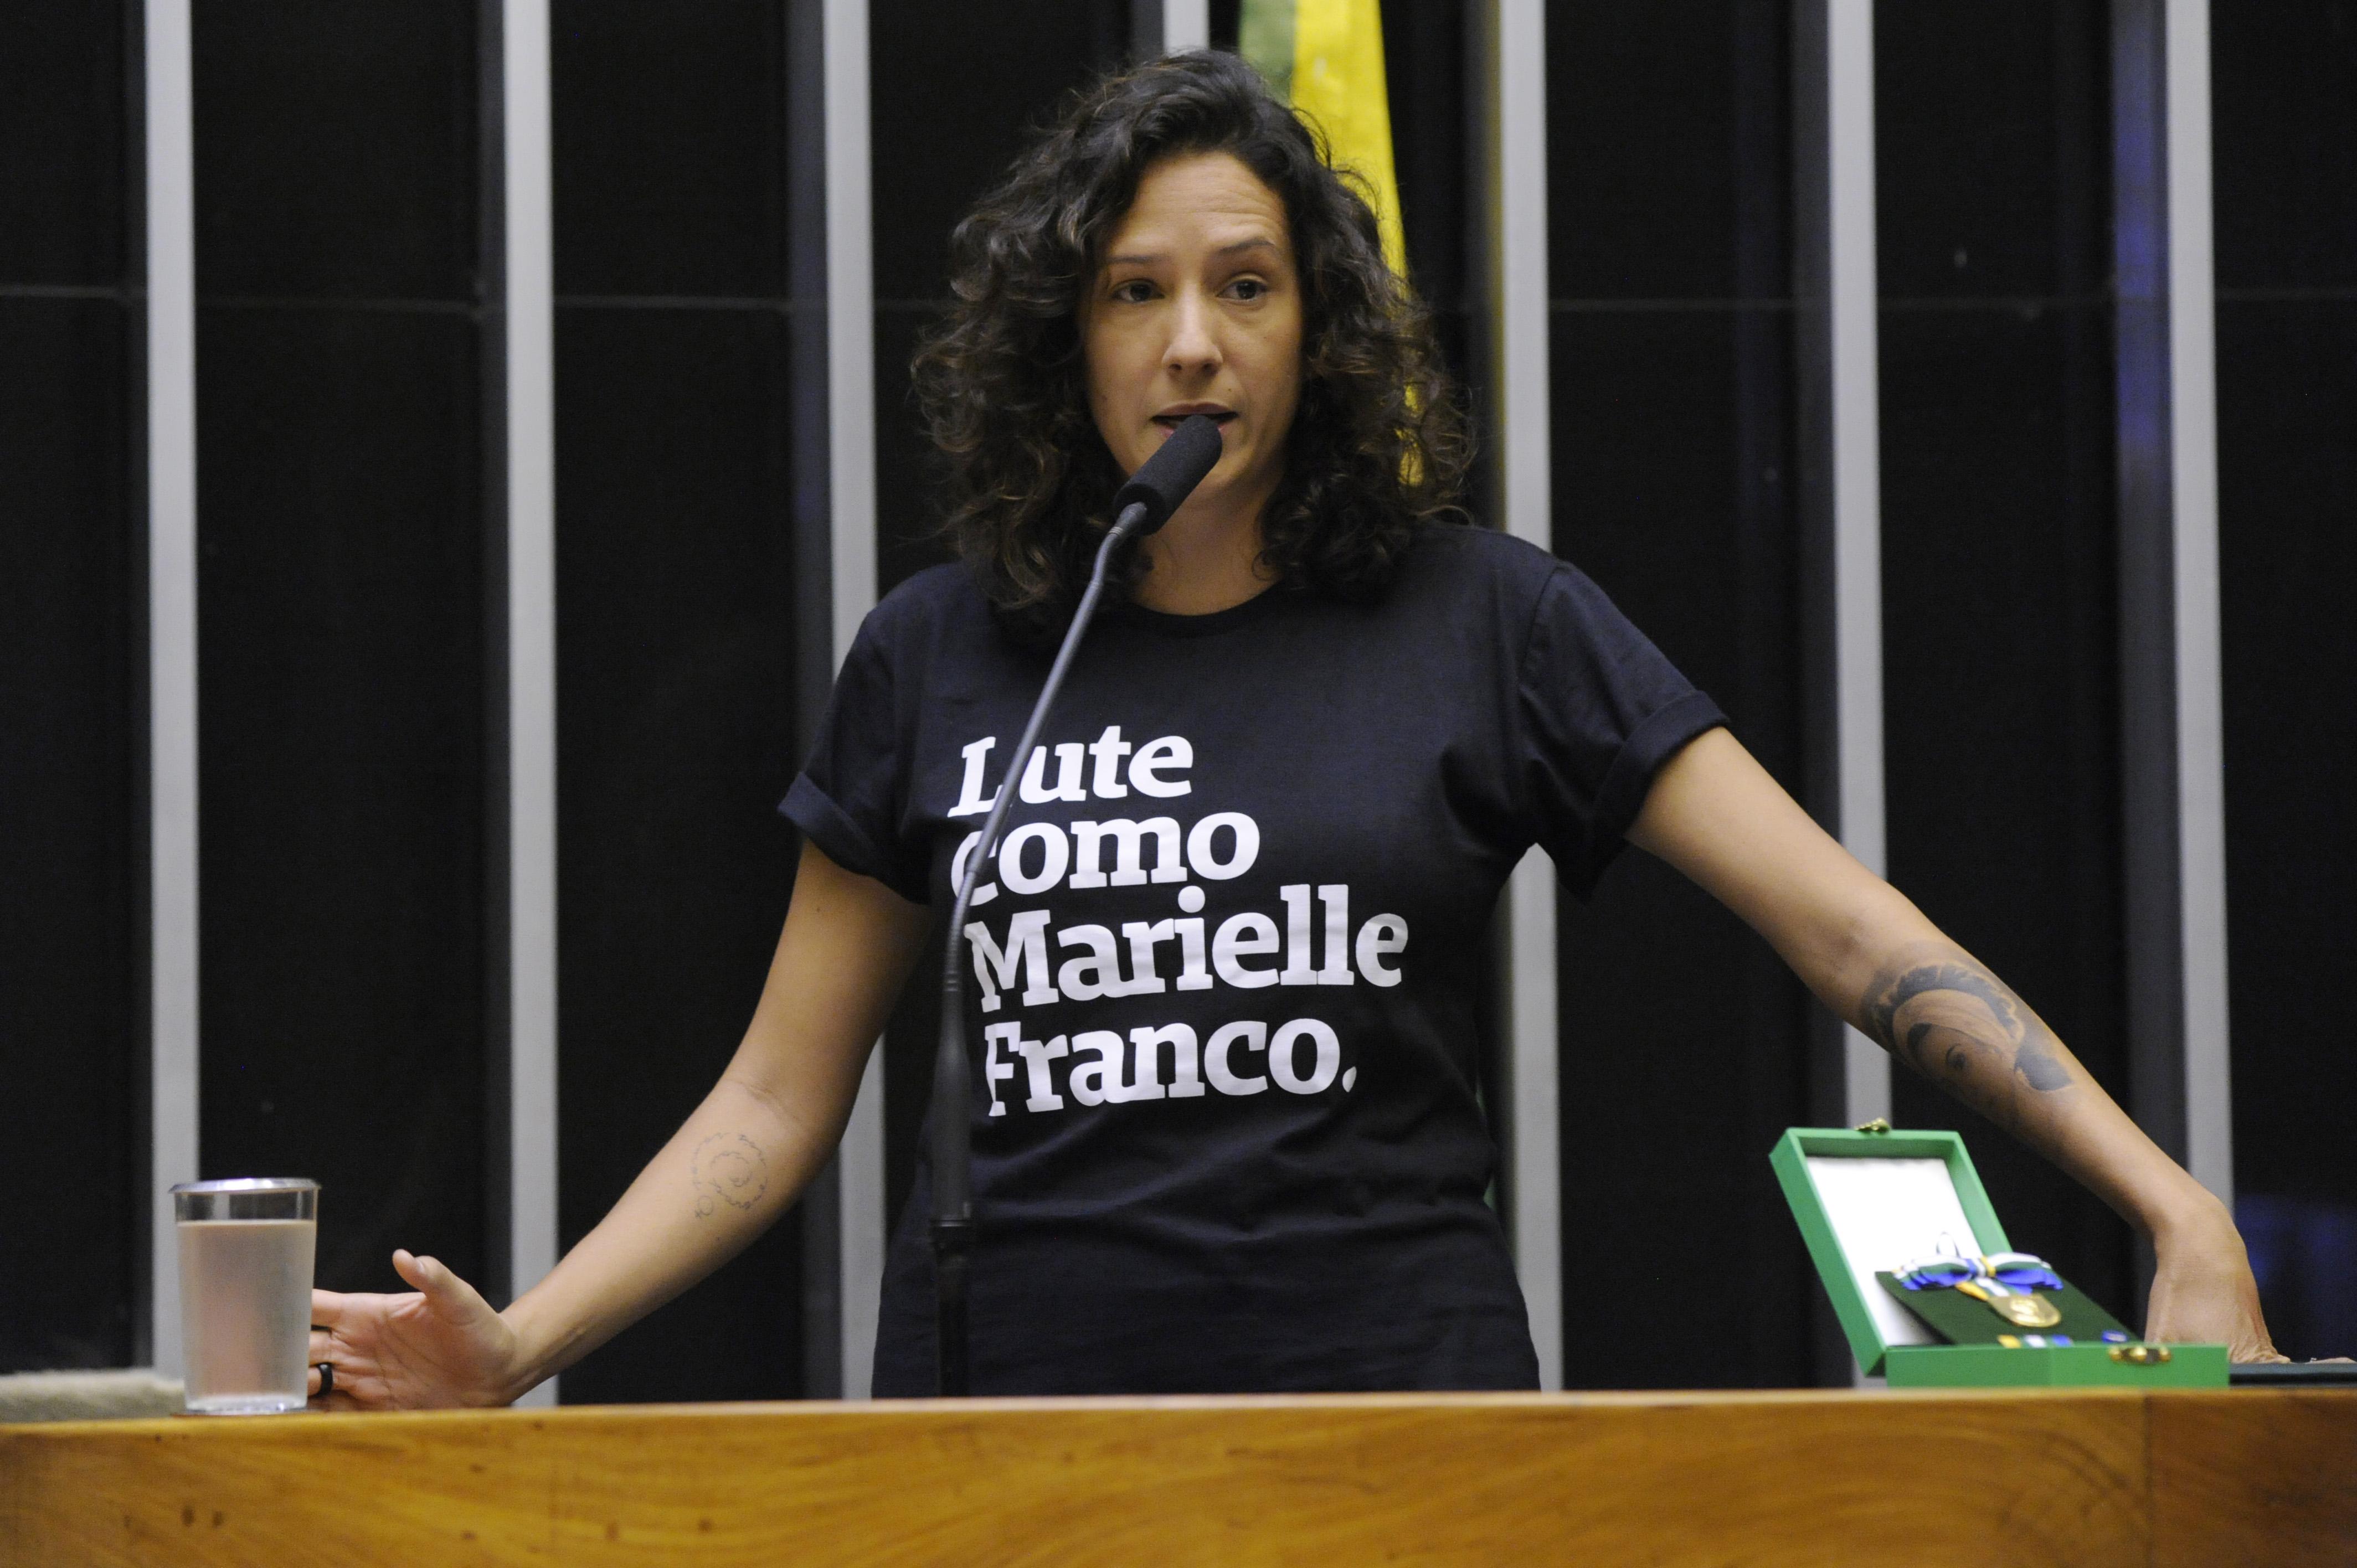 Entrega da Medalha Mietta Santiago. Agraciada, Mônica Benício.